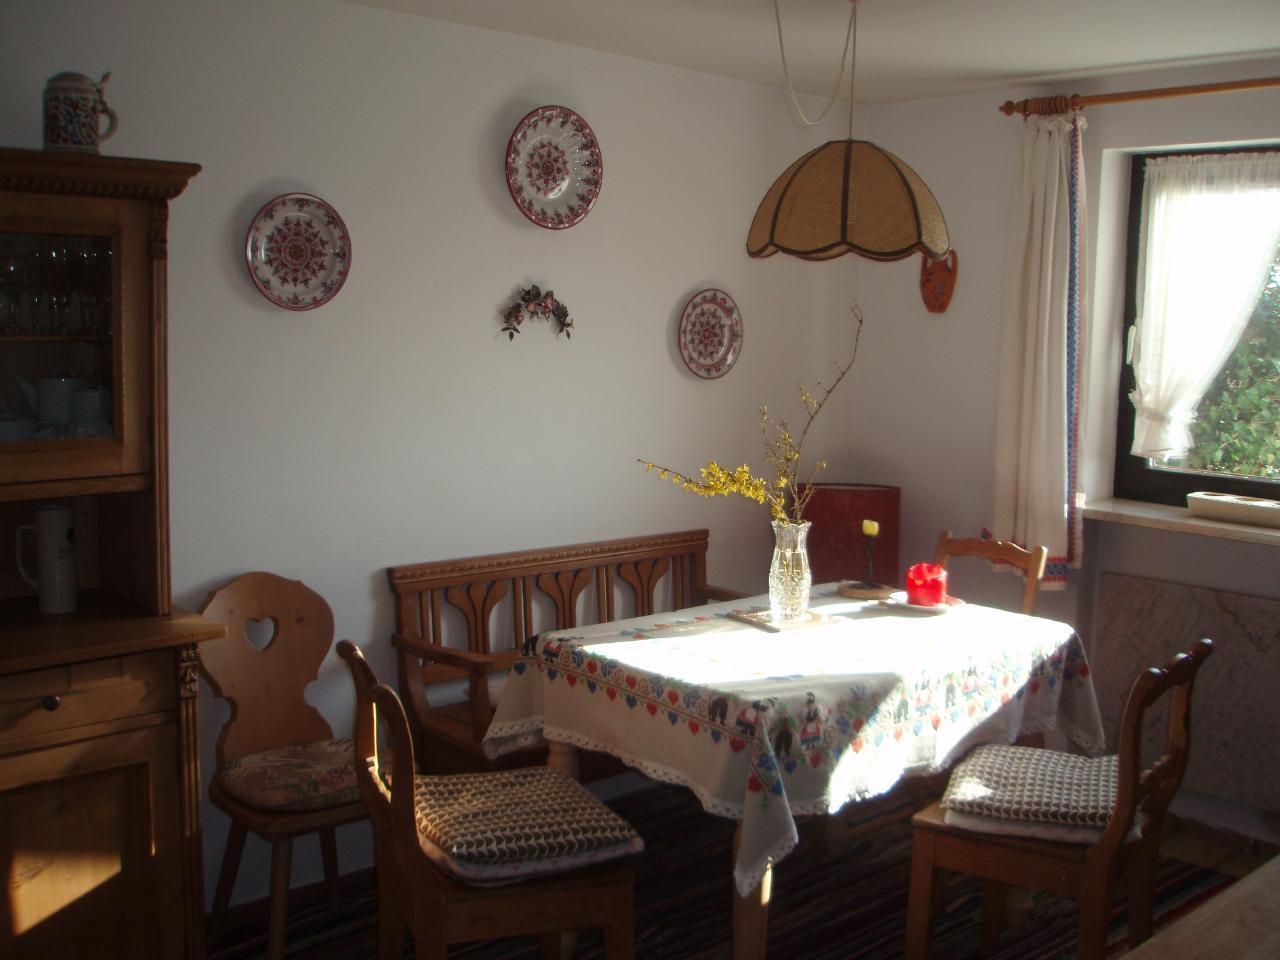 Ferienhaus Waldschrat Fam.Ibisch  - inklusive aller Nebenkosten - (758023), Zandt, Bayerischer Wald, Bayern, Deutschland, Bild 5